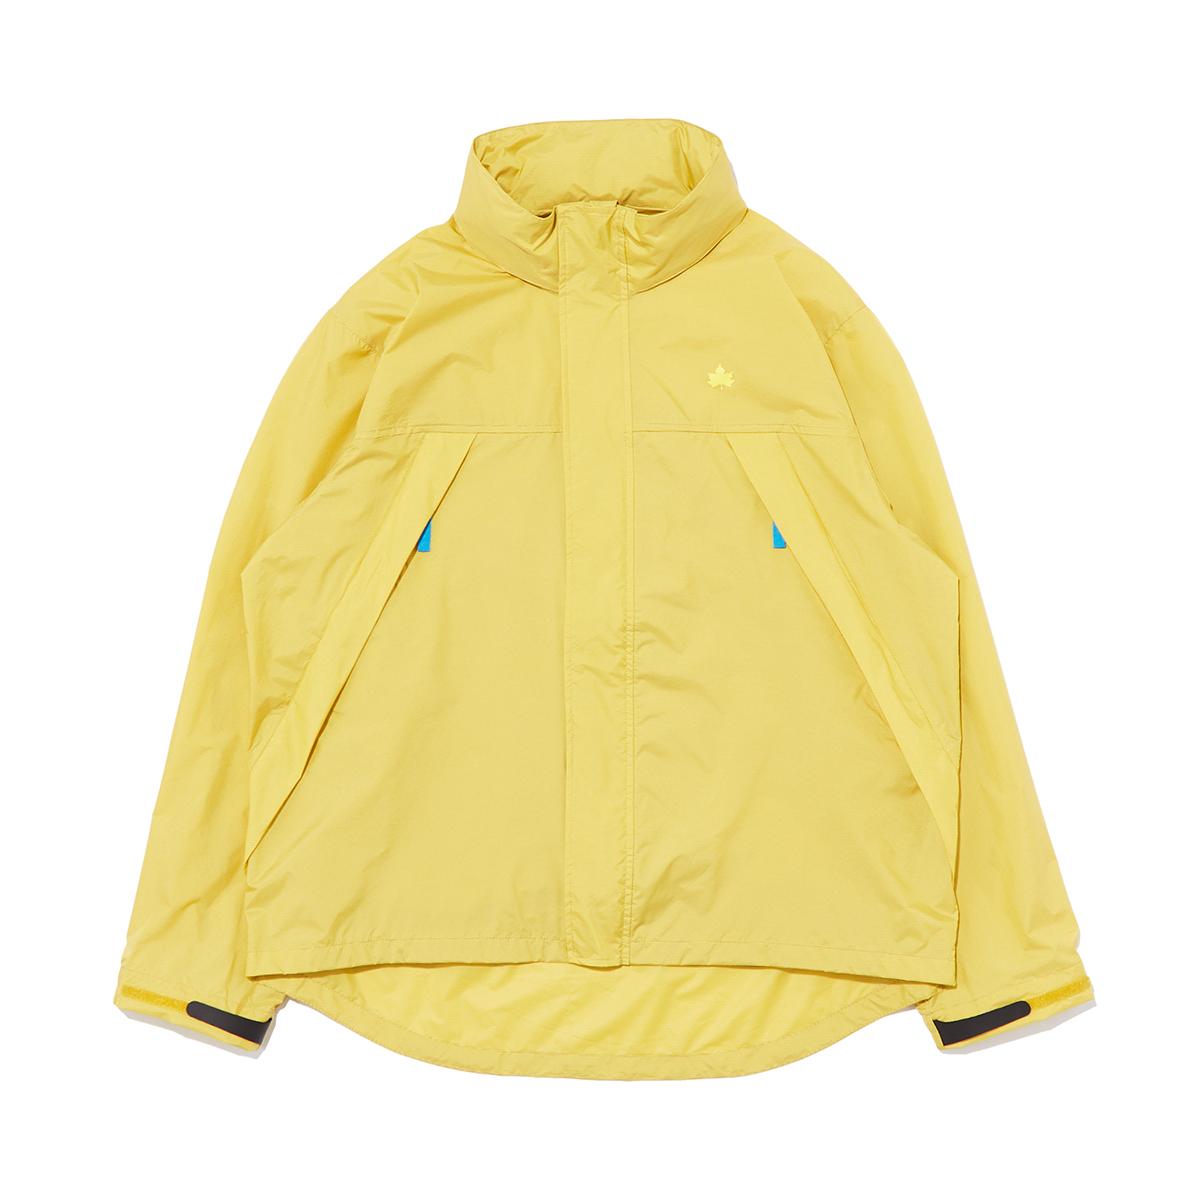 アクアライトジャケット